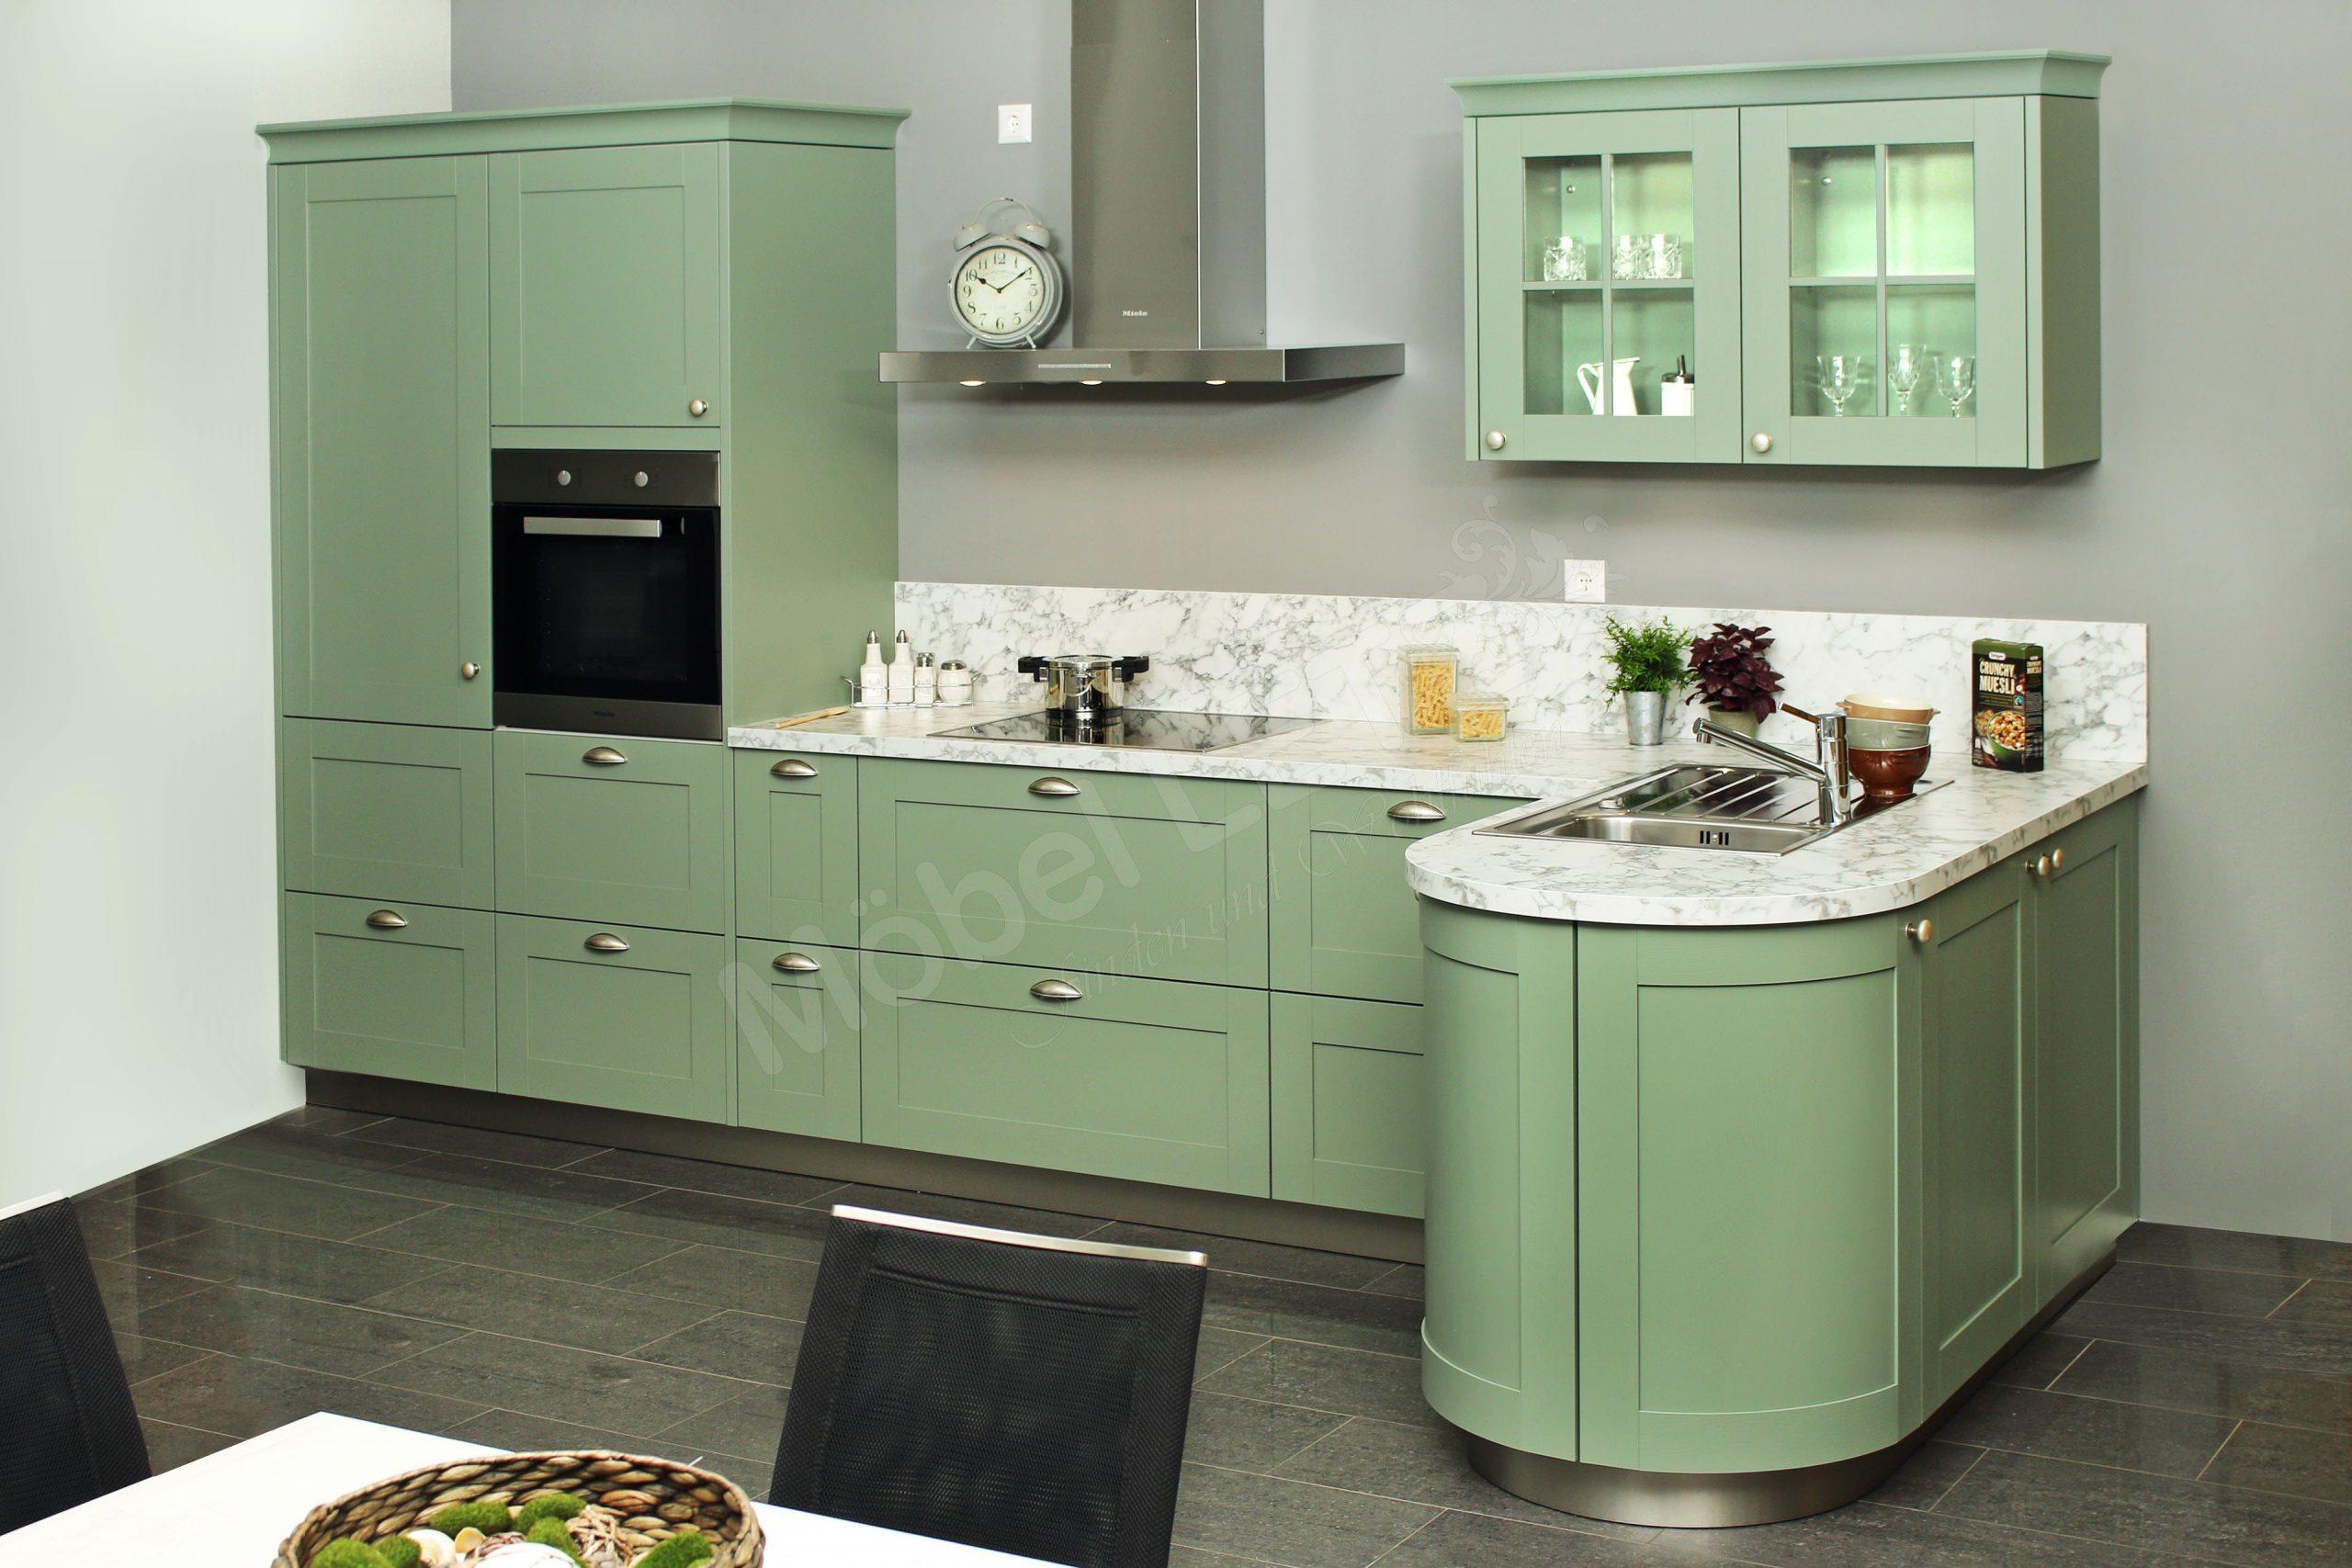 Full Size of Küchen Schller Kchen Casa Winkelkche In Salbeigrn Mbel Letz Ihr Regal Wohnzimmer Küchen